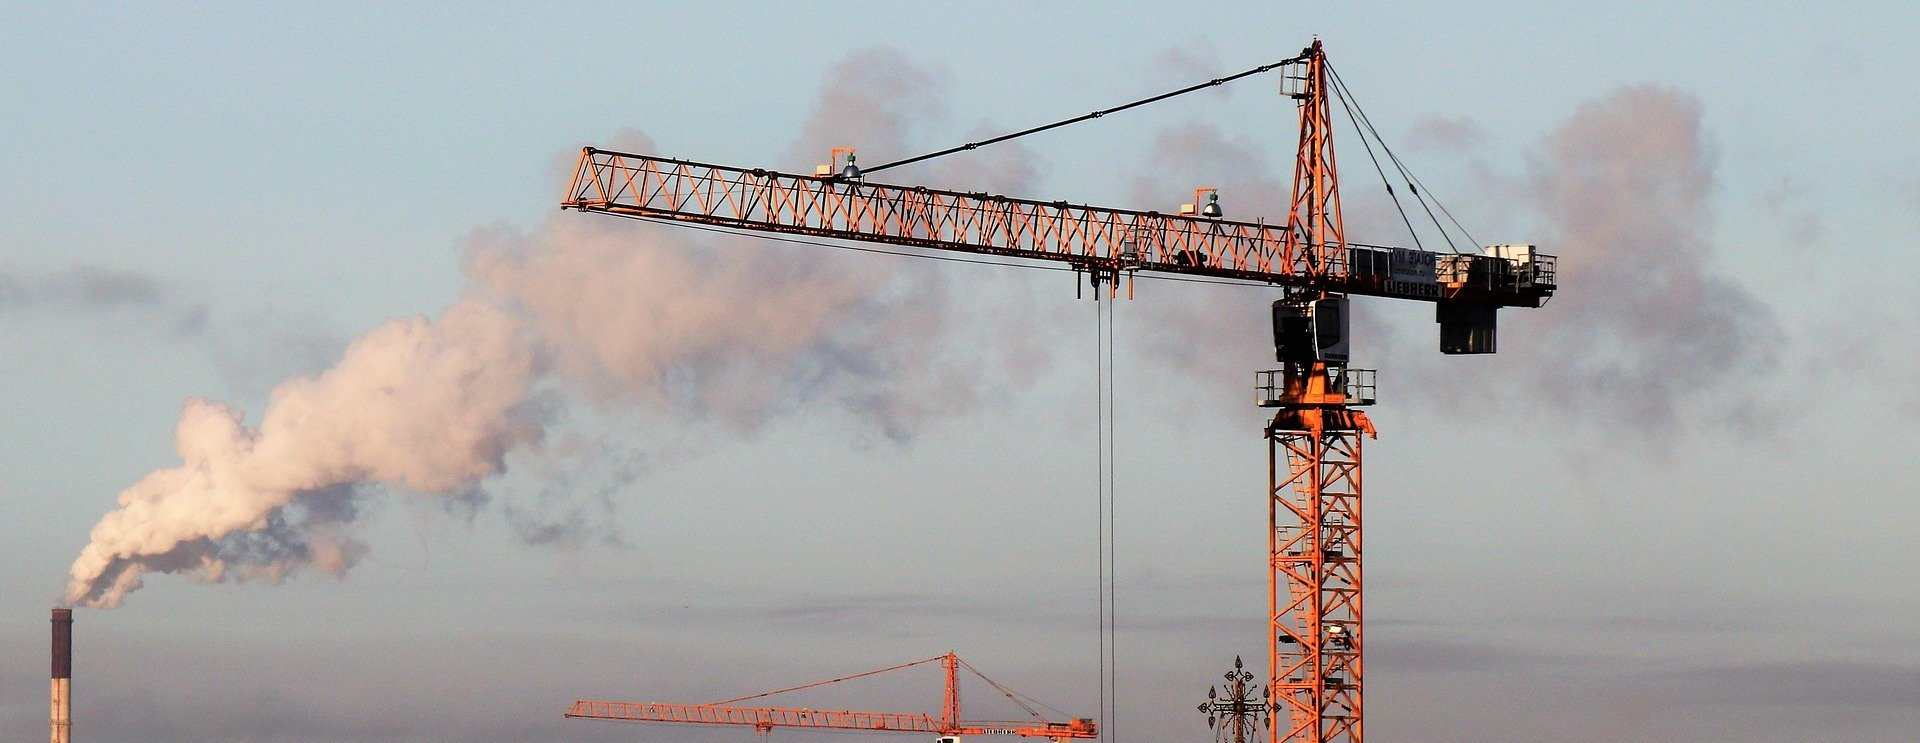 Технониколь впервые запустит производство каменной ваты в Азии за 65 млн евро